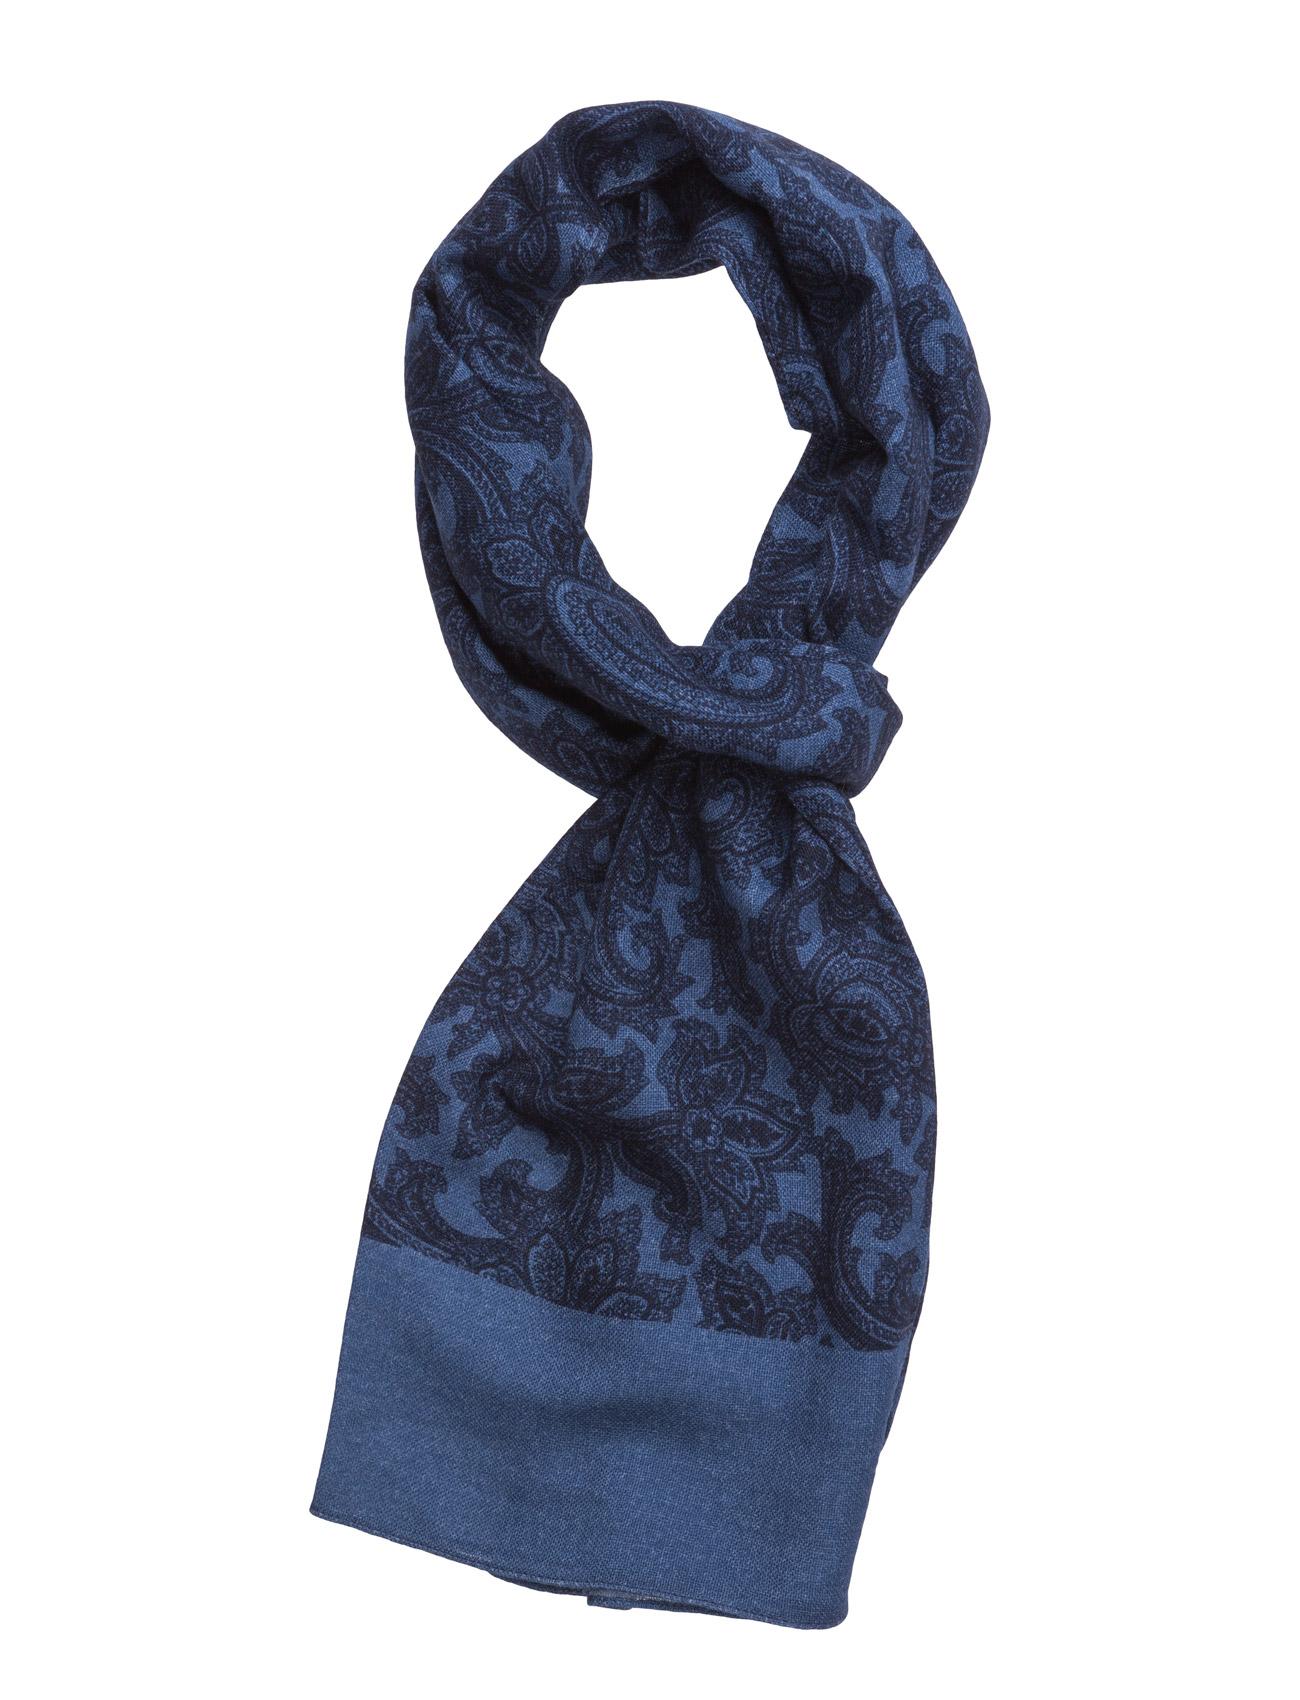 Scarf Mw - S125  170 Cm X 19 Cm SAND Halstørklæder til Herrer i Medium Blå